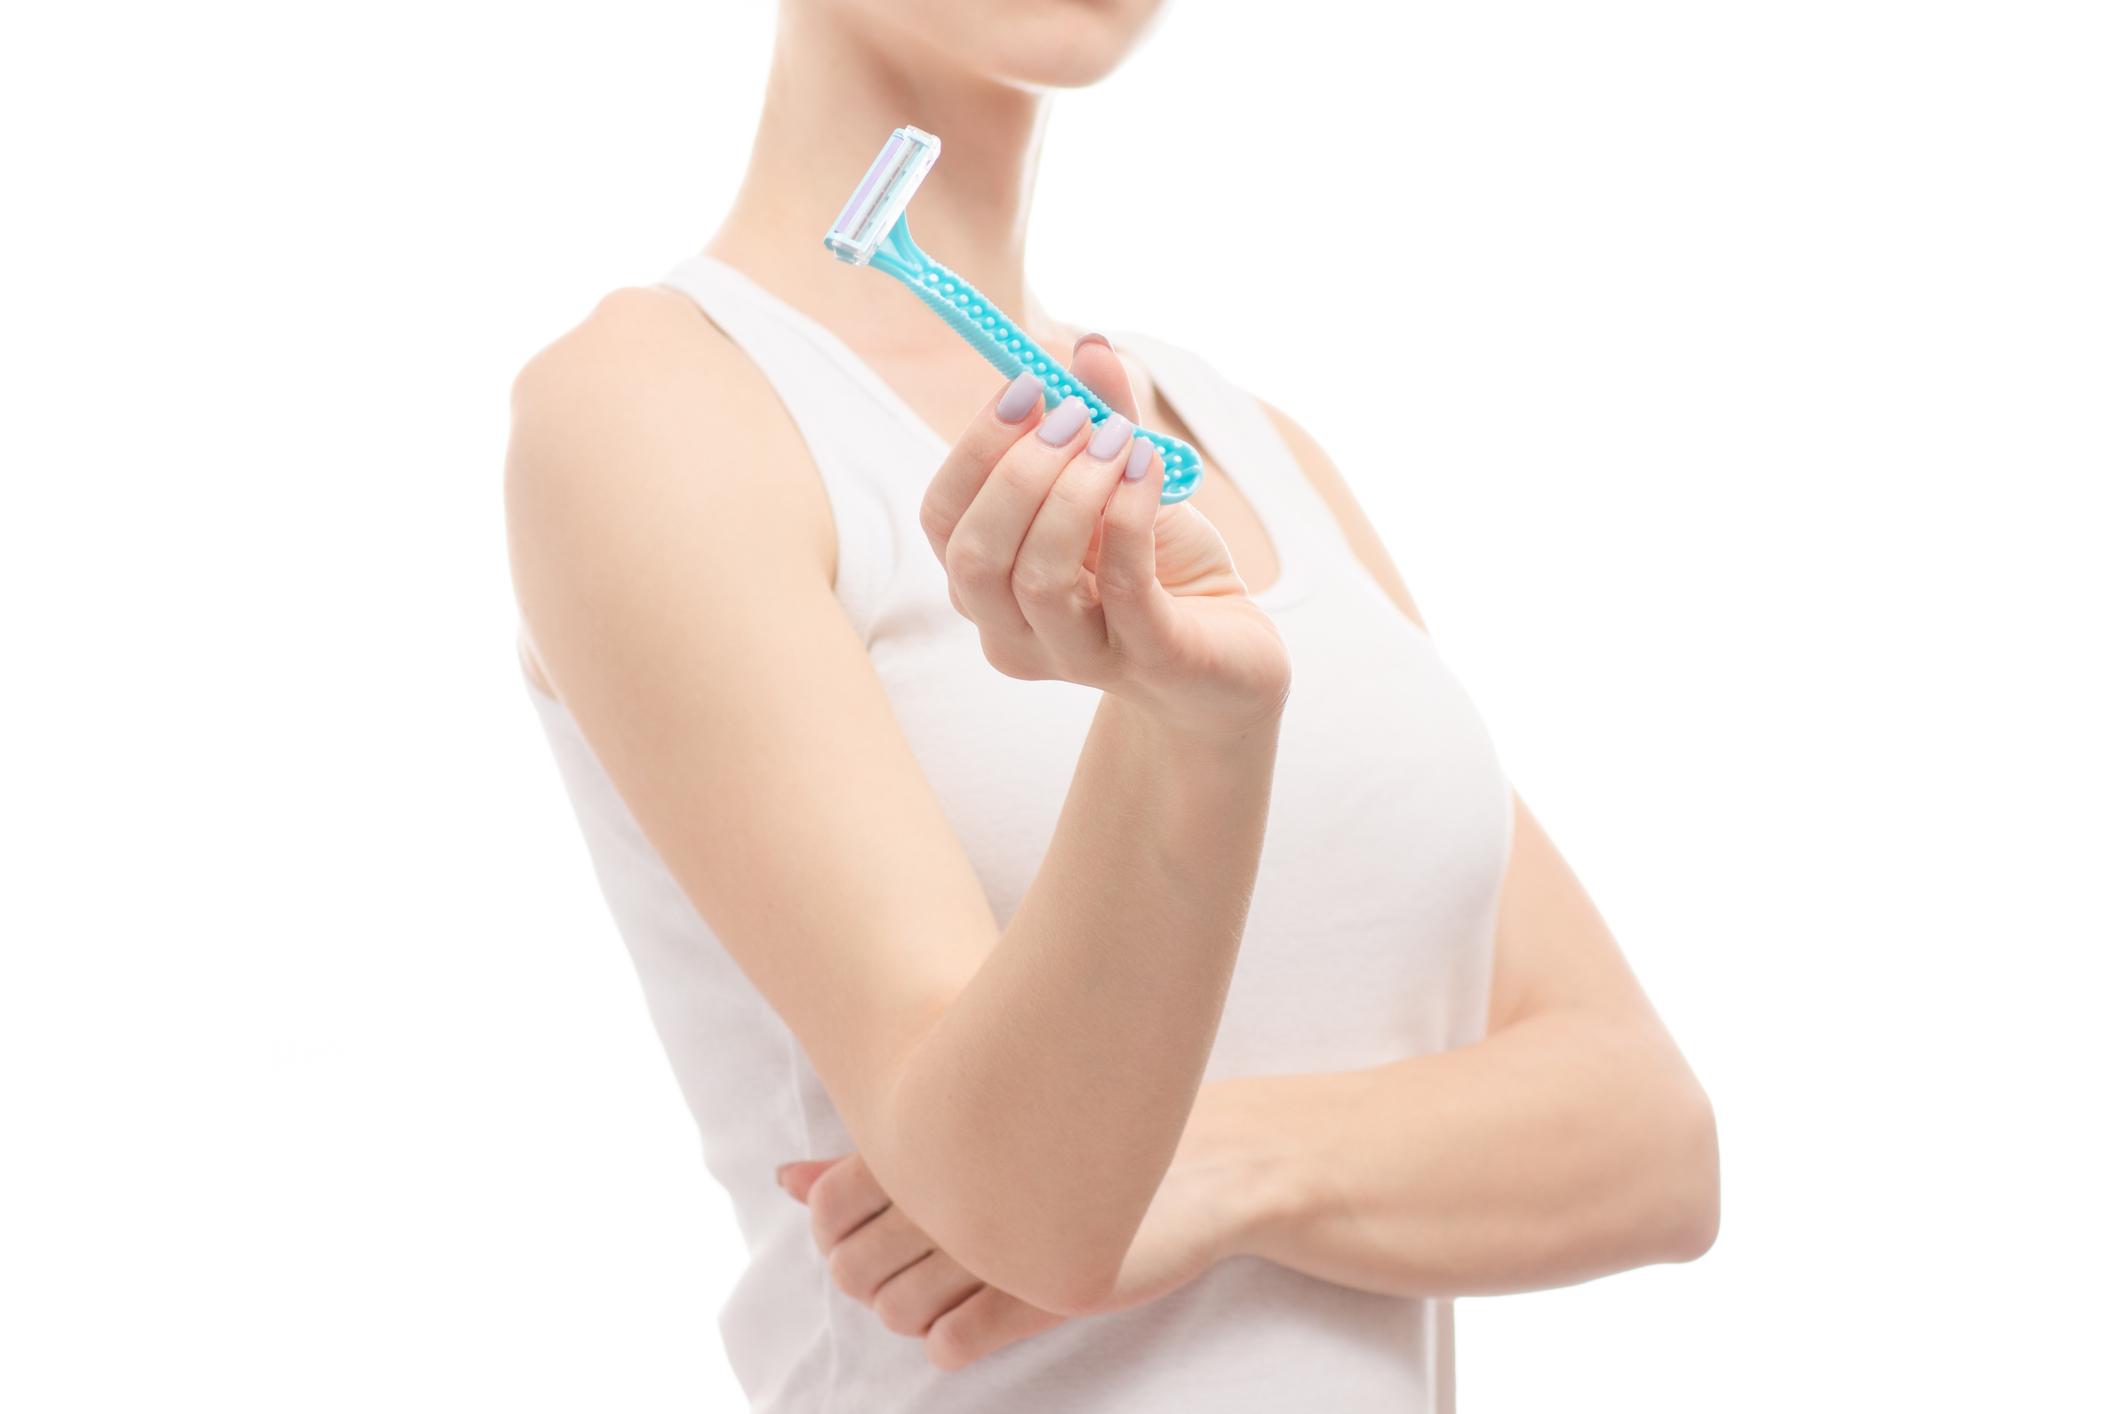 hogyan lehet lefogyni menopauza előtt)